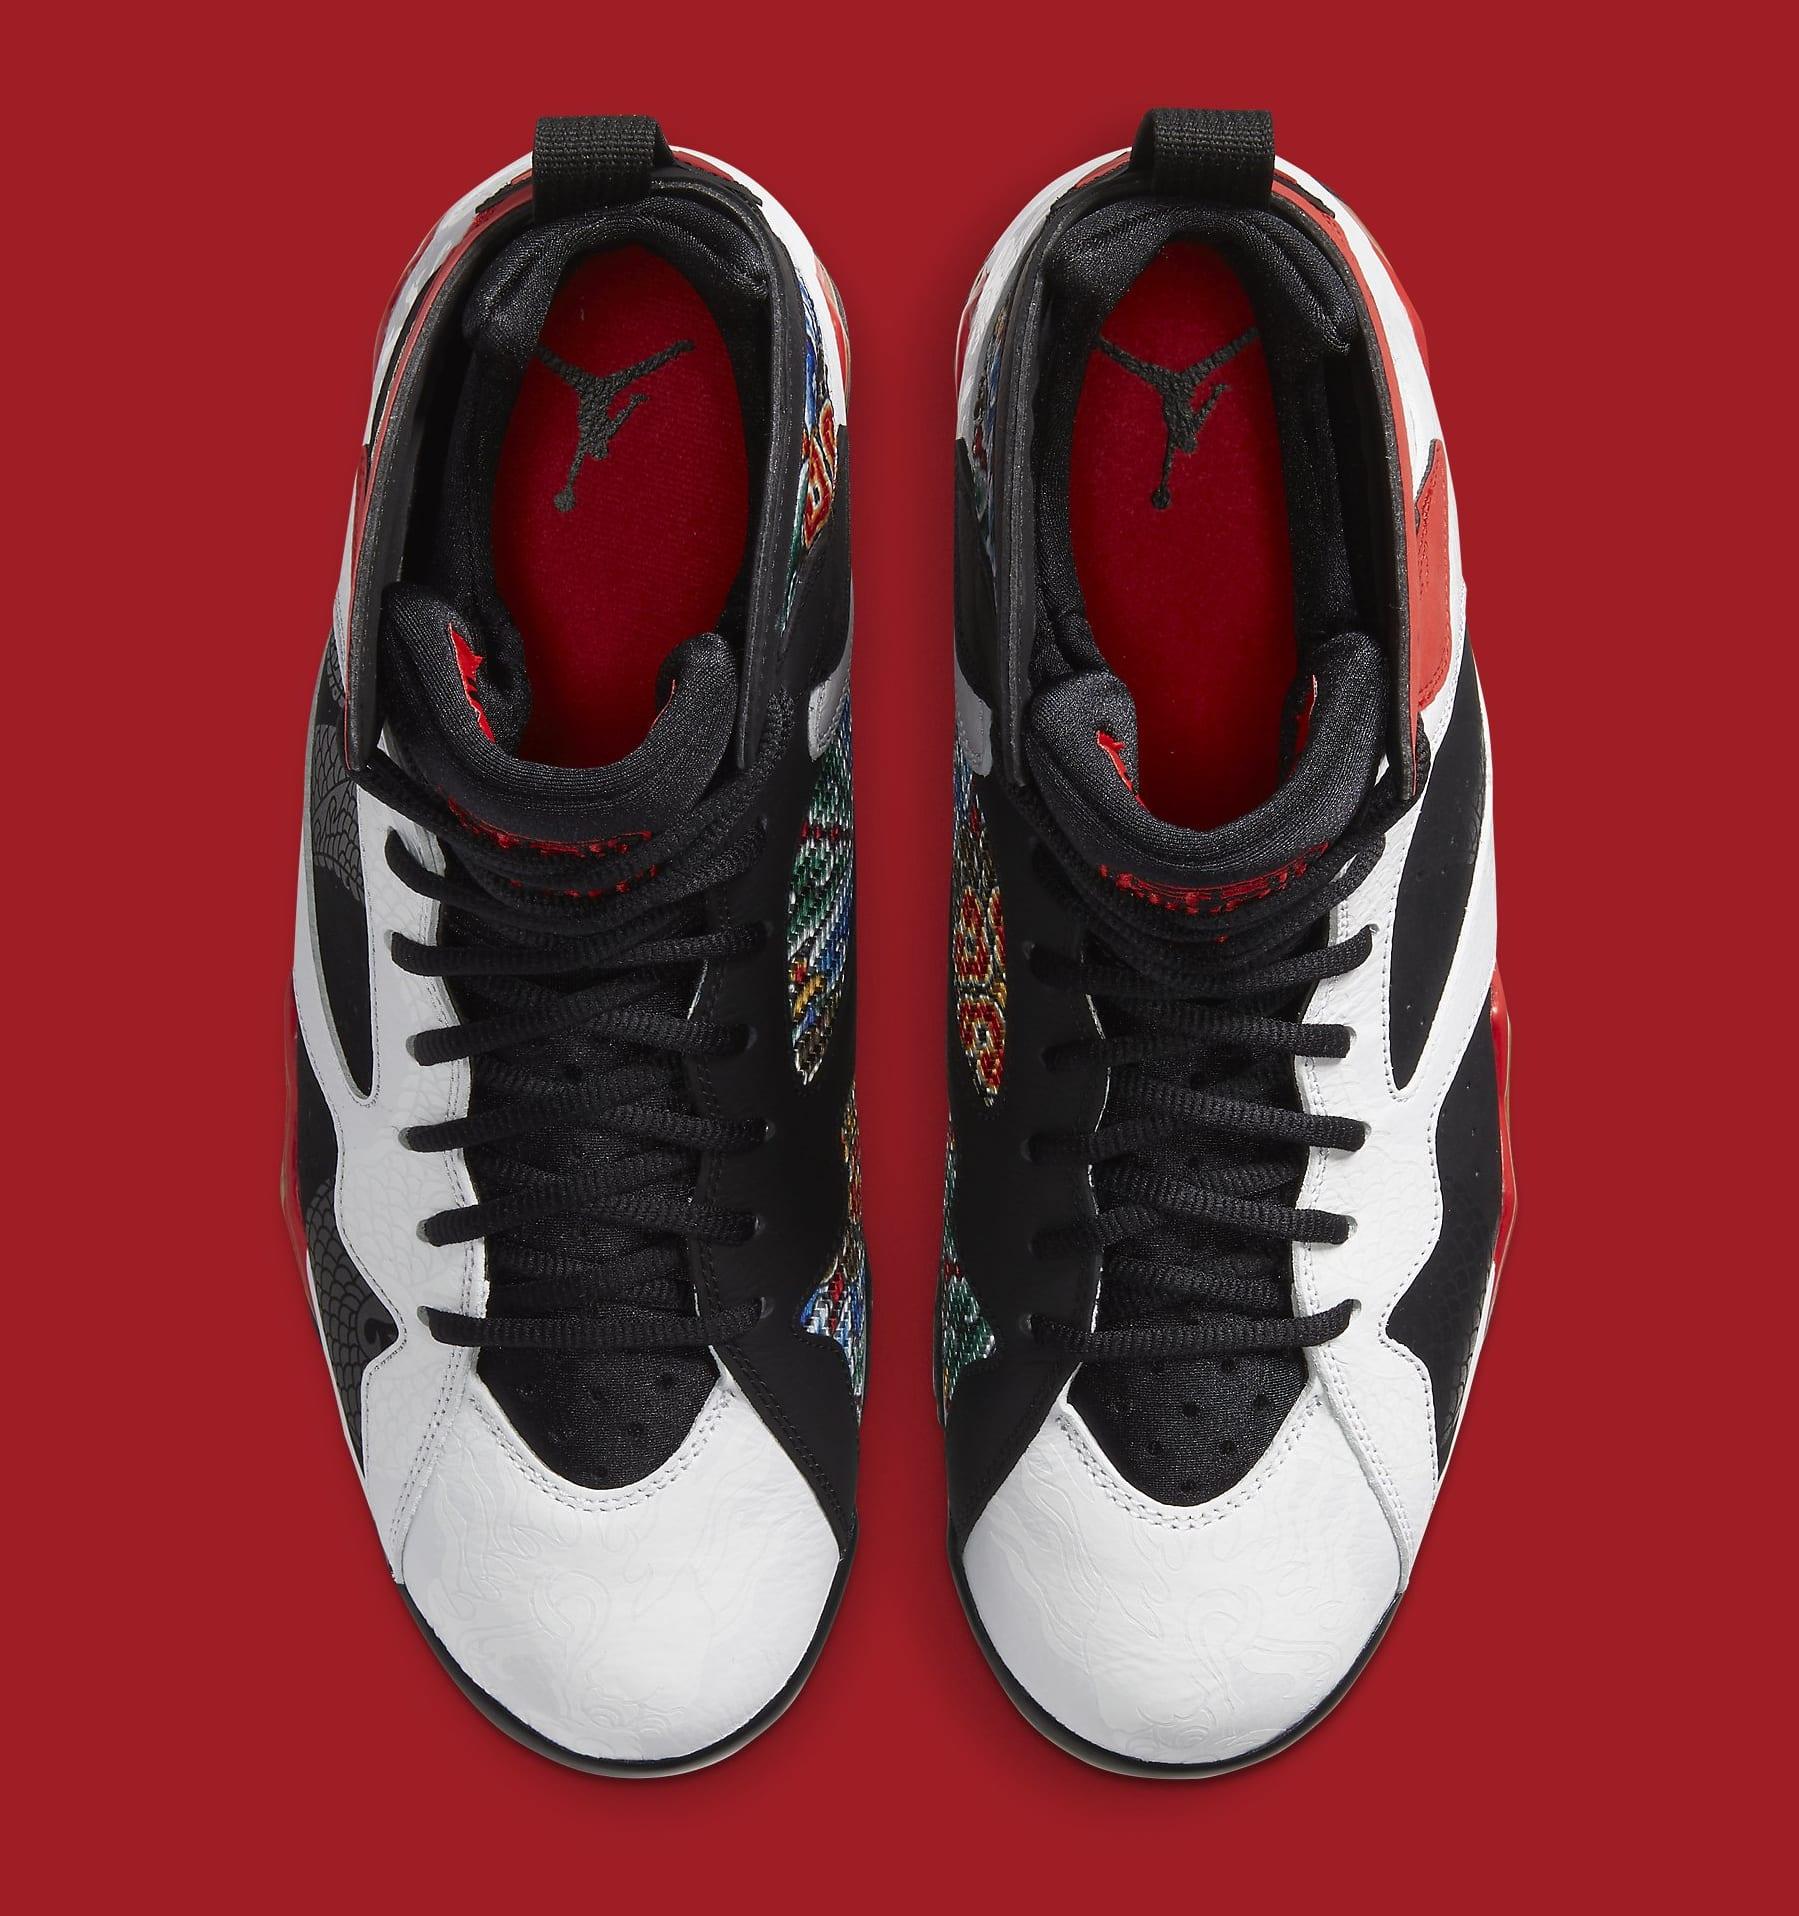 Air Jordan 7 GC 'China' CW2805-160 Top